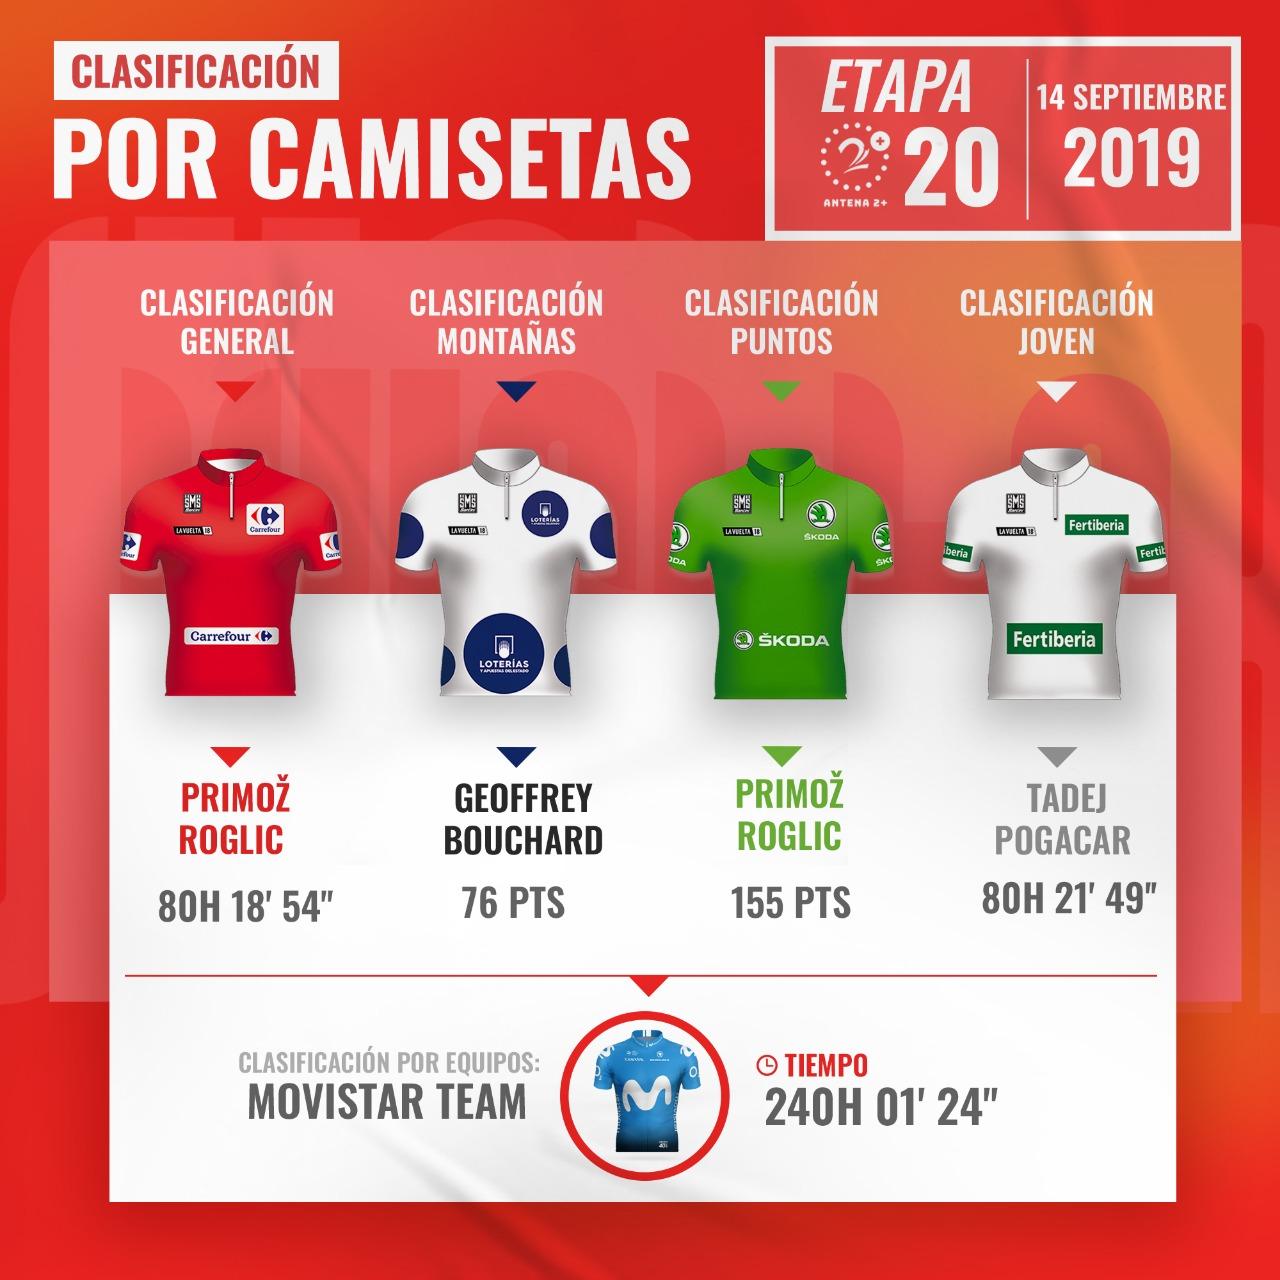 Vuelta a España, líderes, etapa 20